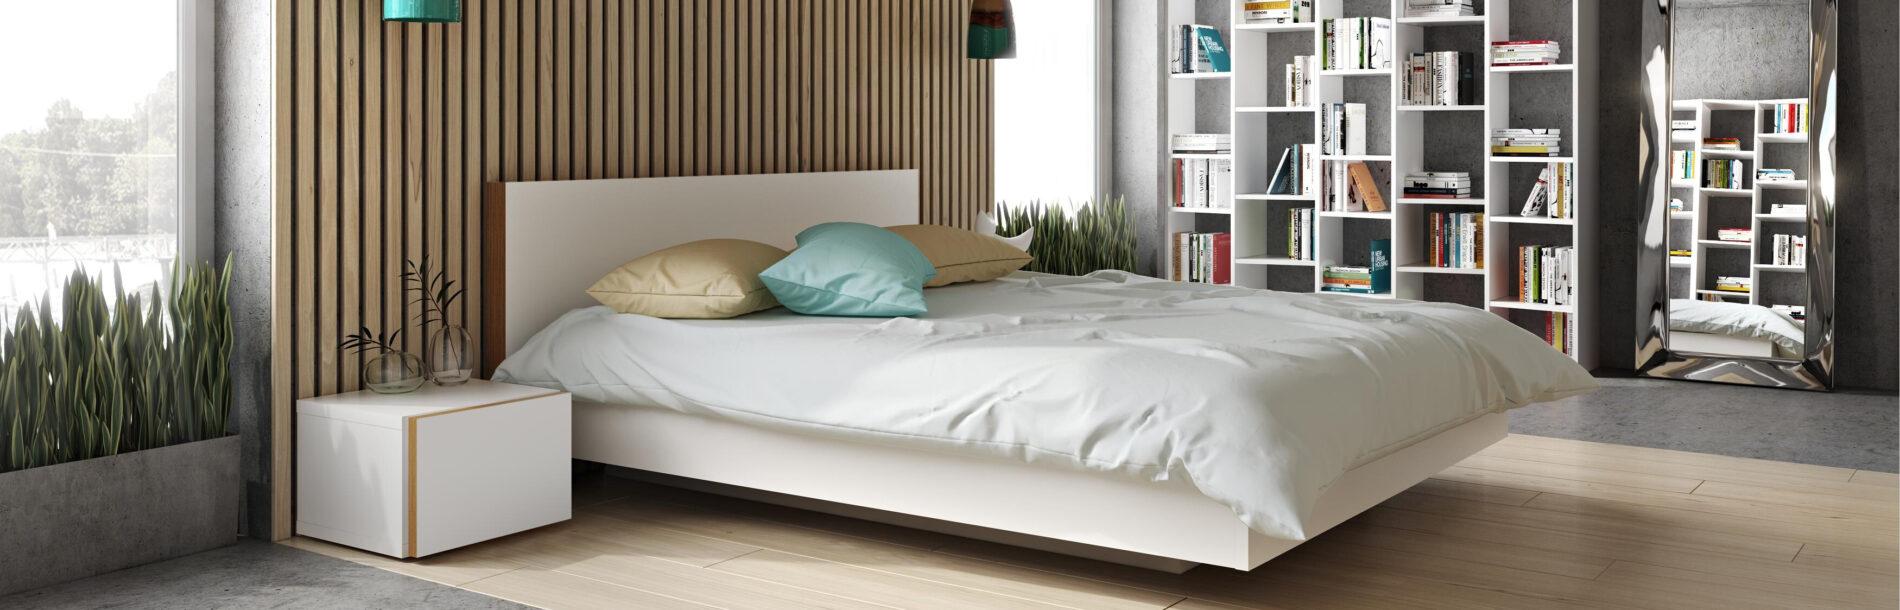 Arredamento Per Camere Da Letto Amf Mobili Di Design